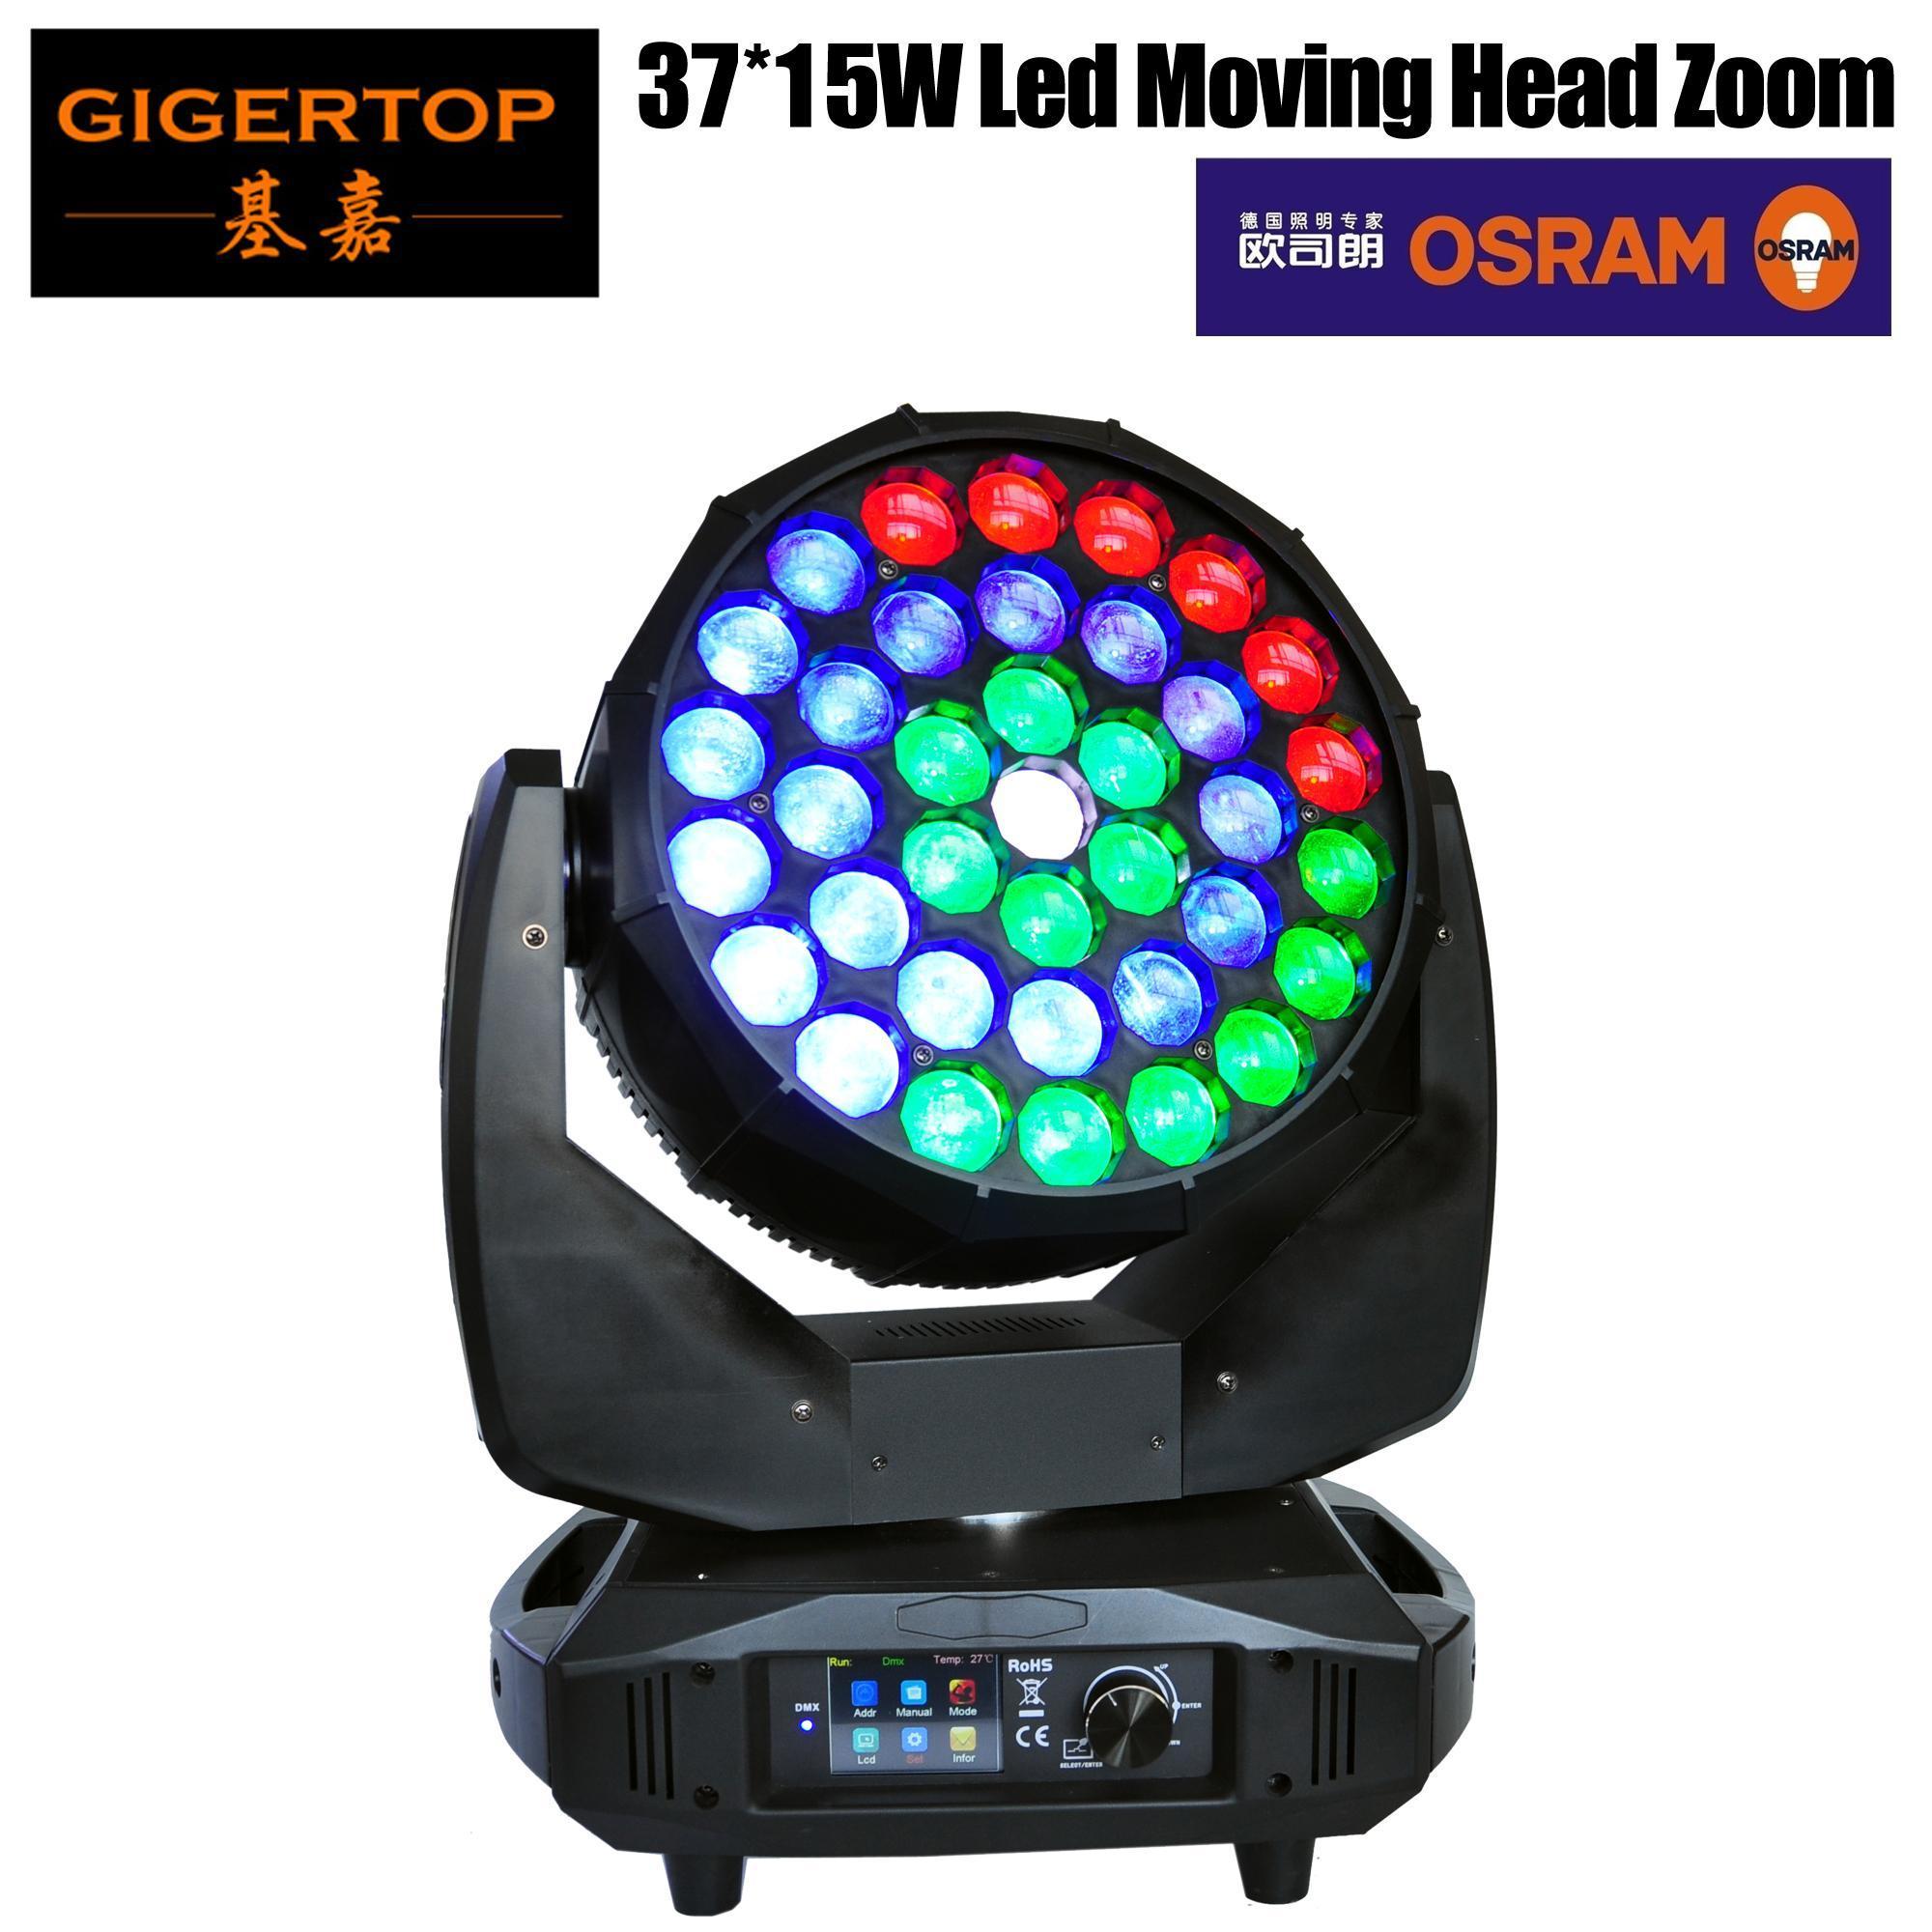 cgjxs Freeshipping 650W ad alta potenza Osram 37x15w Led Moving Head Zoom di colore chiaro Control Ring Rgbw 4in1 dmx512 18/42 Ch fascio Wash